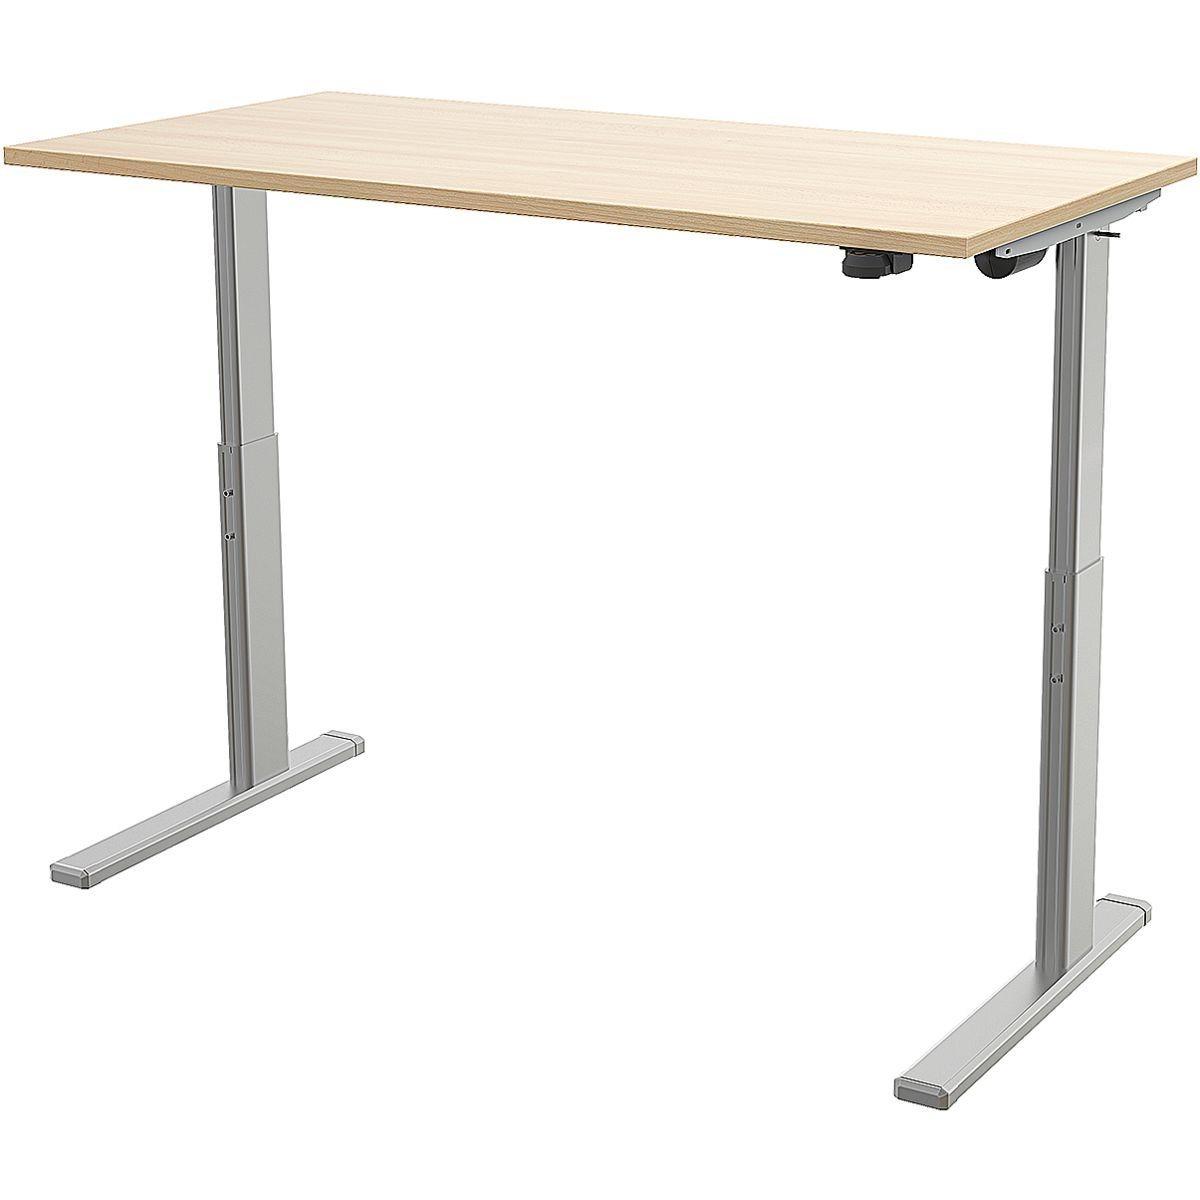 Büro » Bürotische online kaufen | Möbel-Suchmaschine | ladendirekt.de